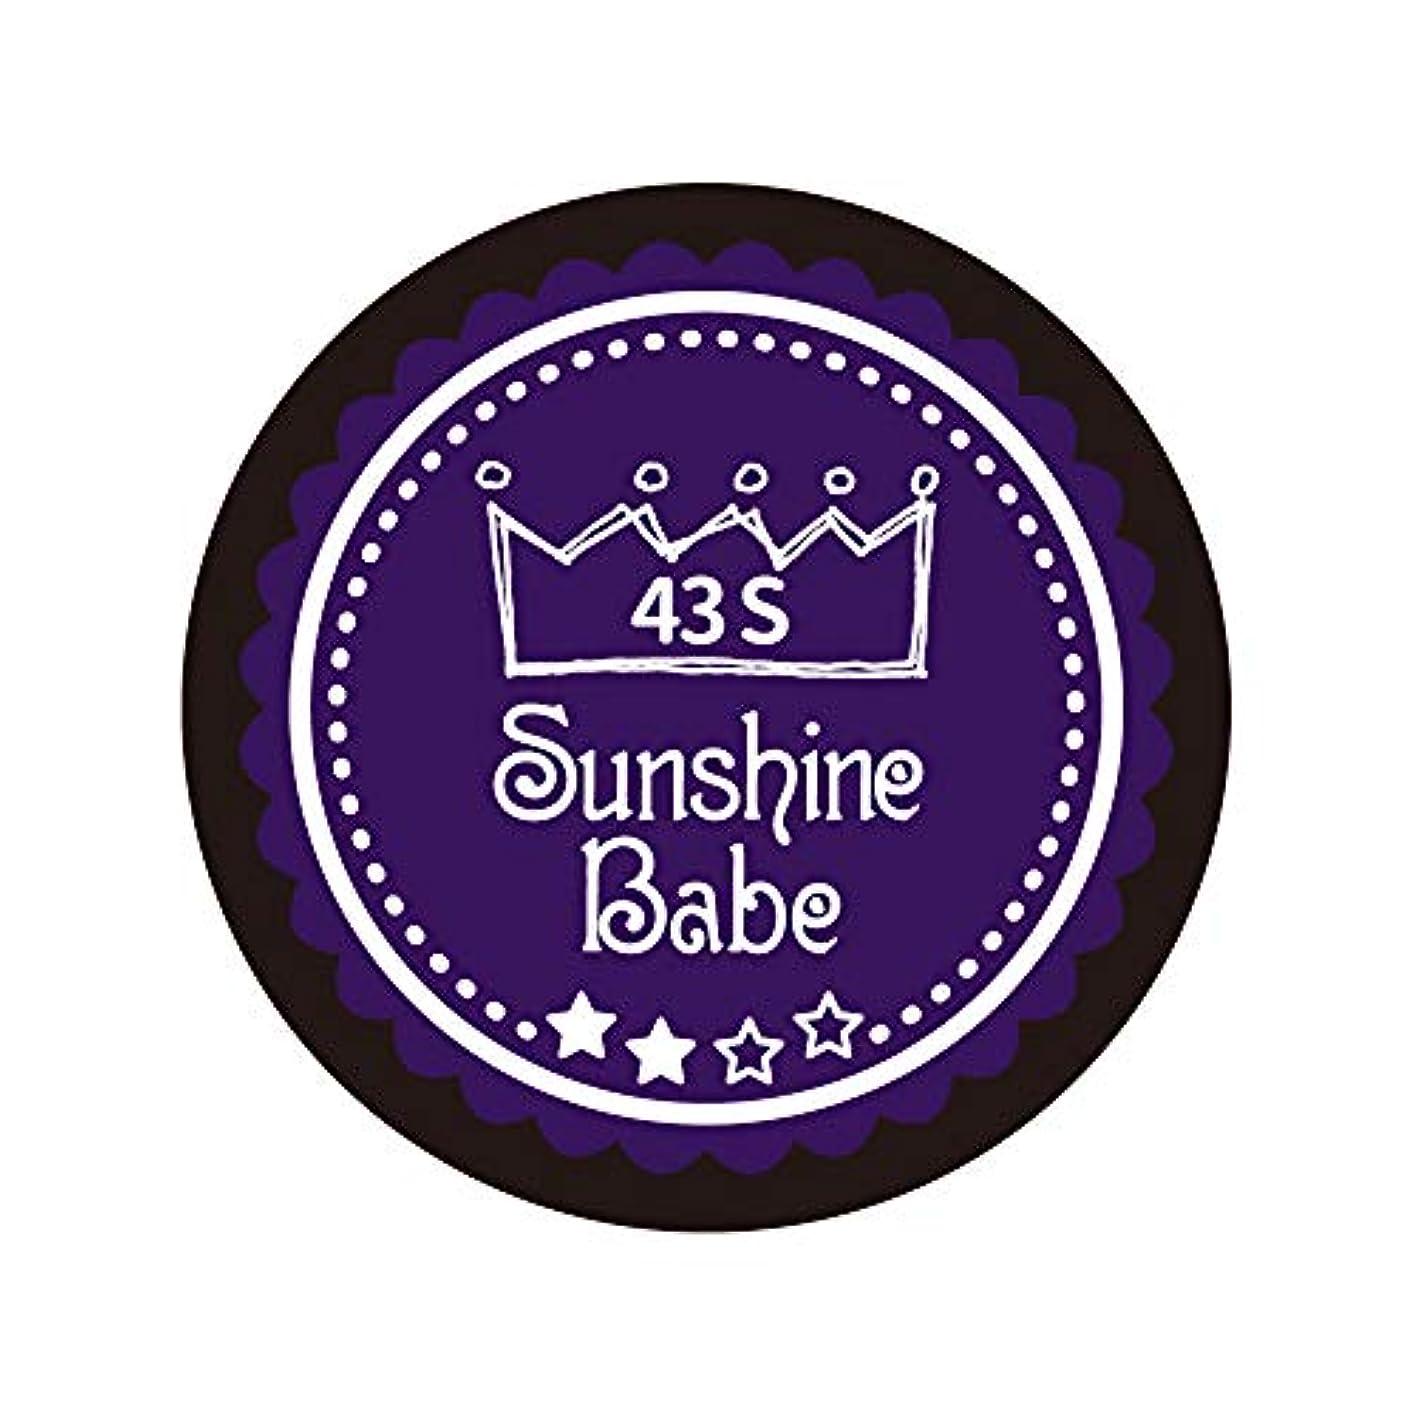 通りトースト近似Sunshine Babe カラージェル 43S オータムウルトラバイオレット 2.7g UV/LED対応